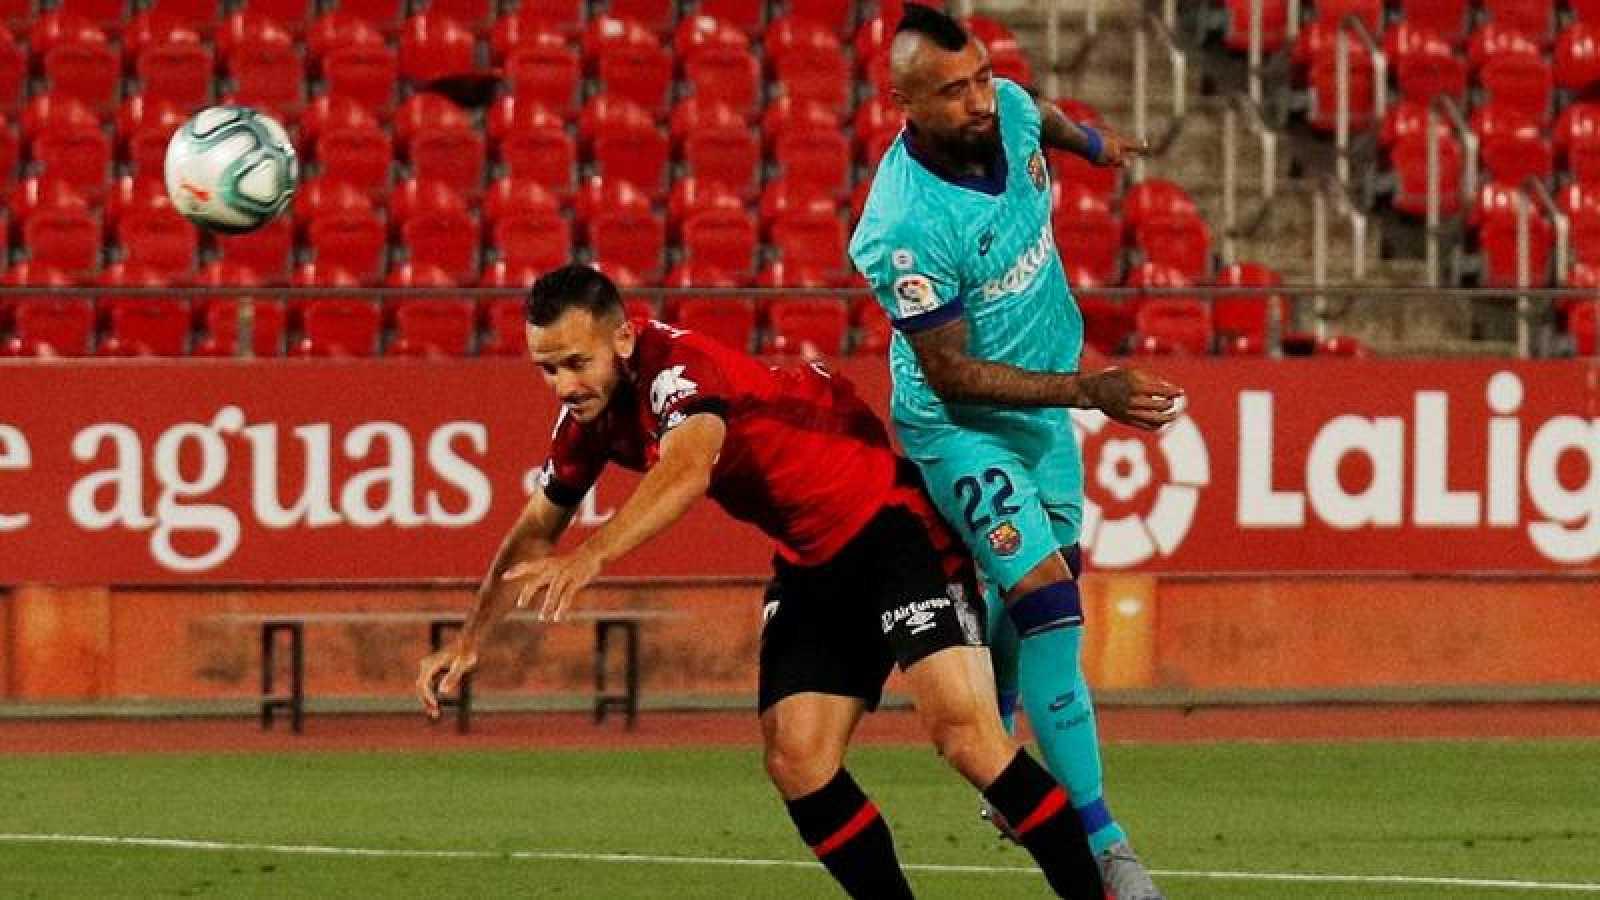 Vidal, en el remate del 0-1 del Barça en Mallorca.